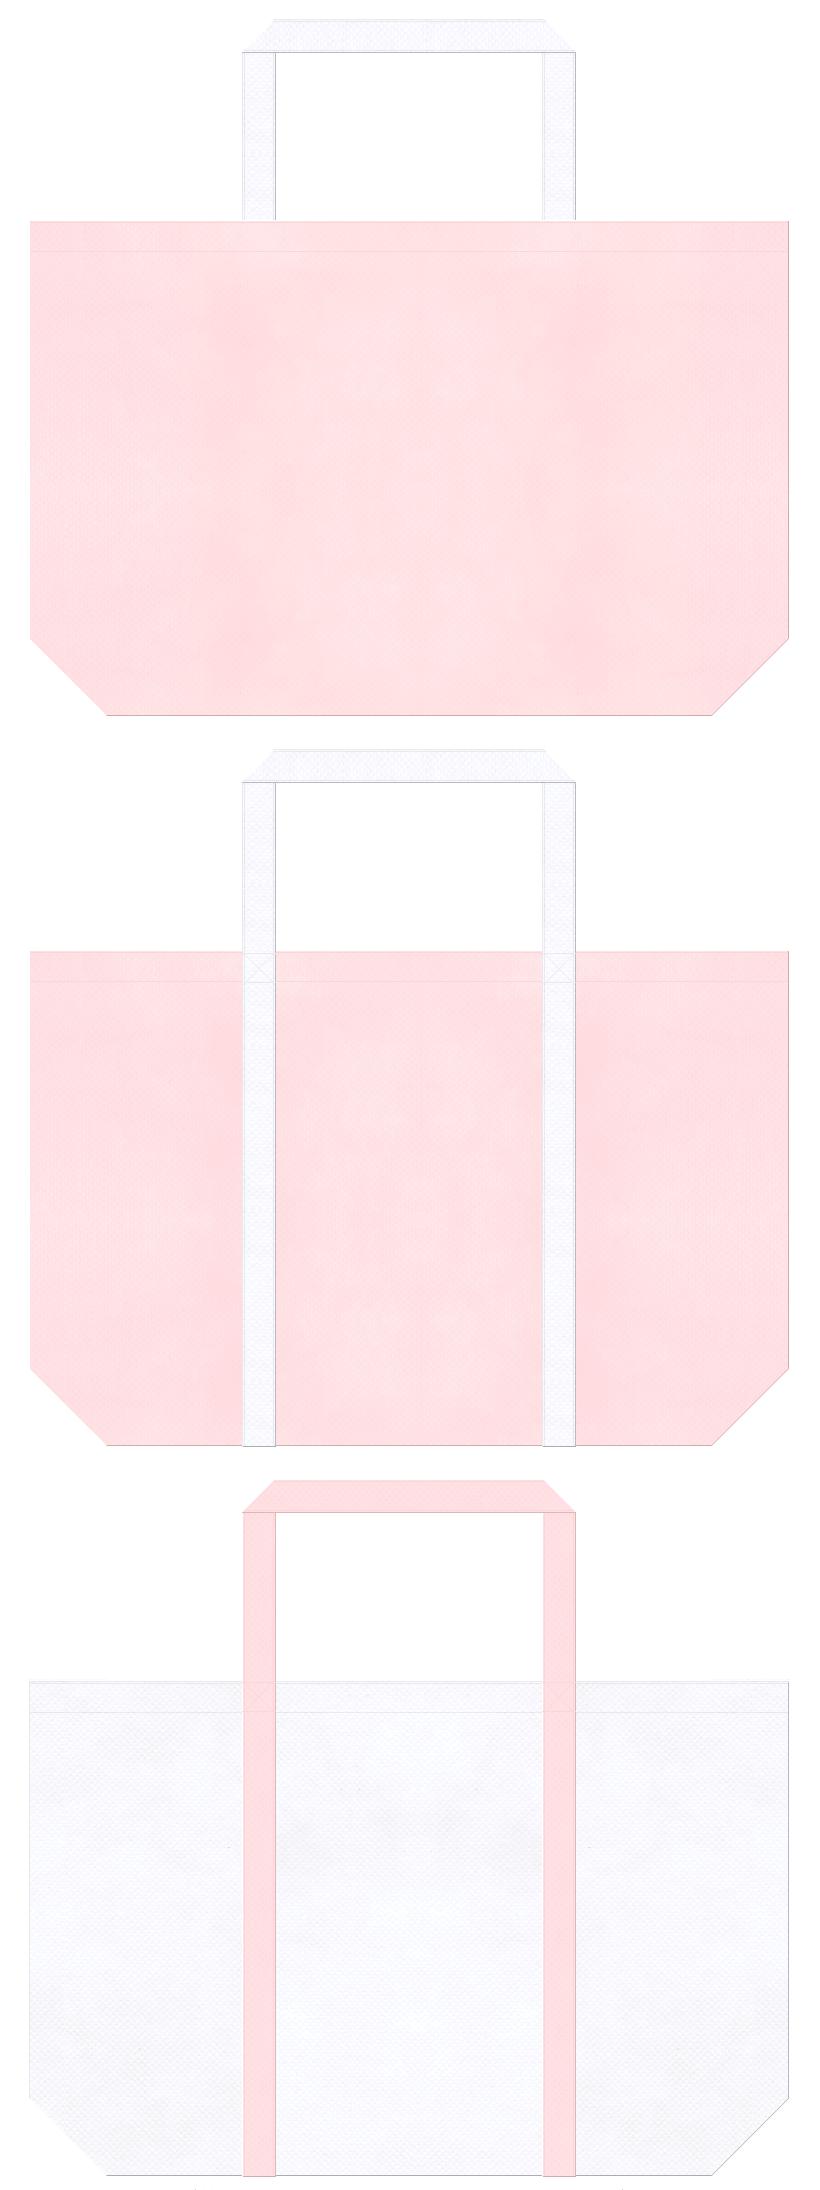 桜色と白色の不織布ショッピングバッグデザイン。医療・介護ユニフォームのショッピングバッグにお奨めです。